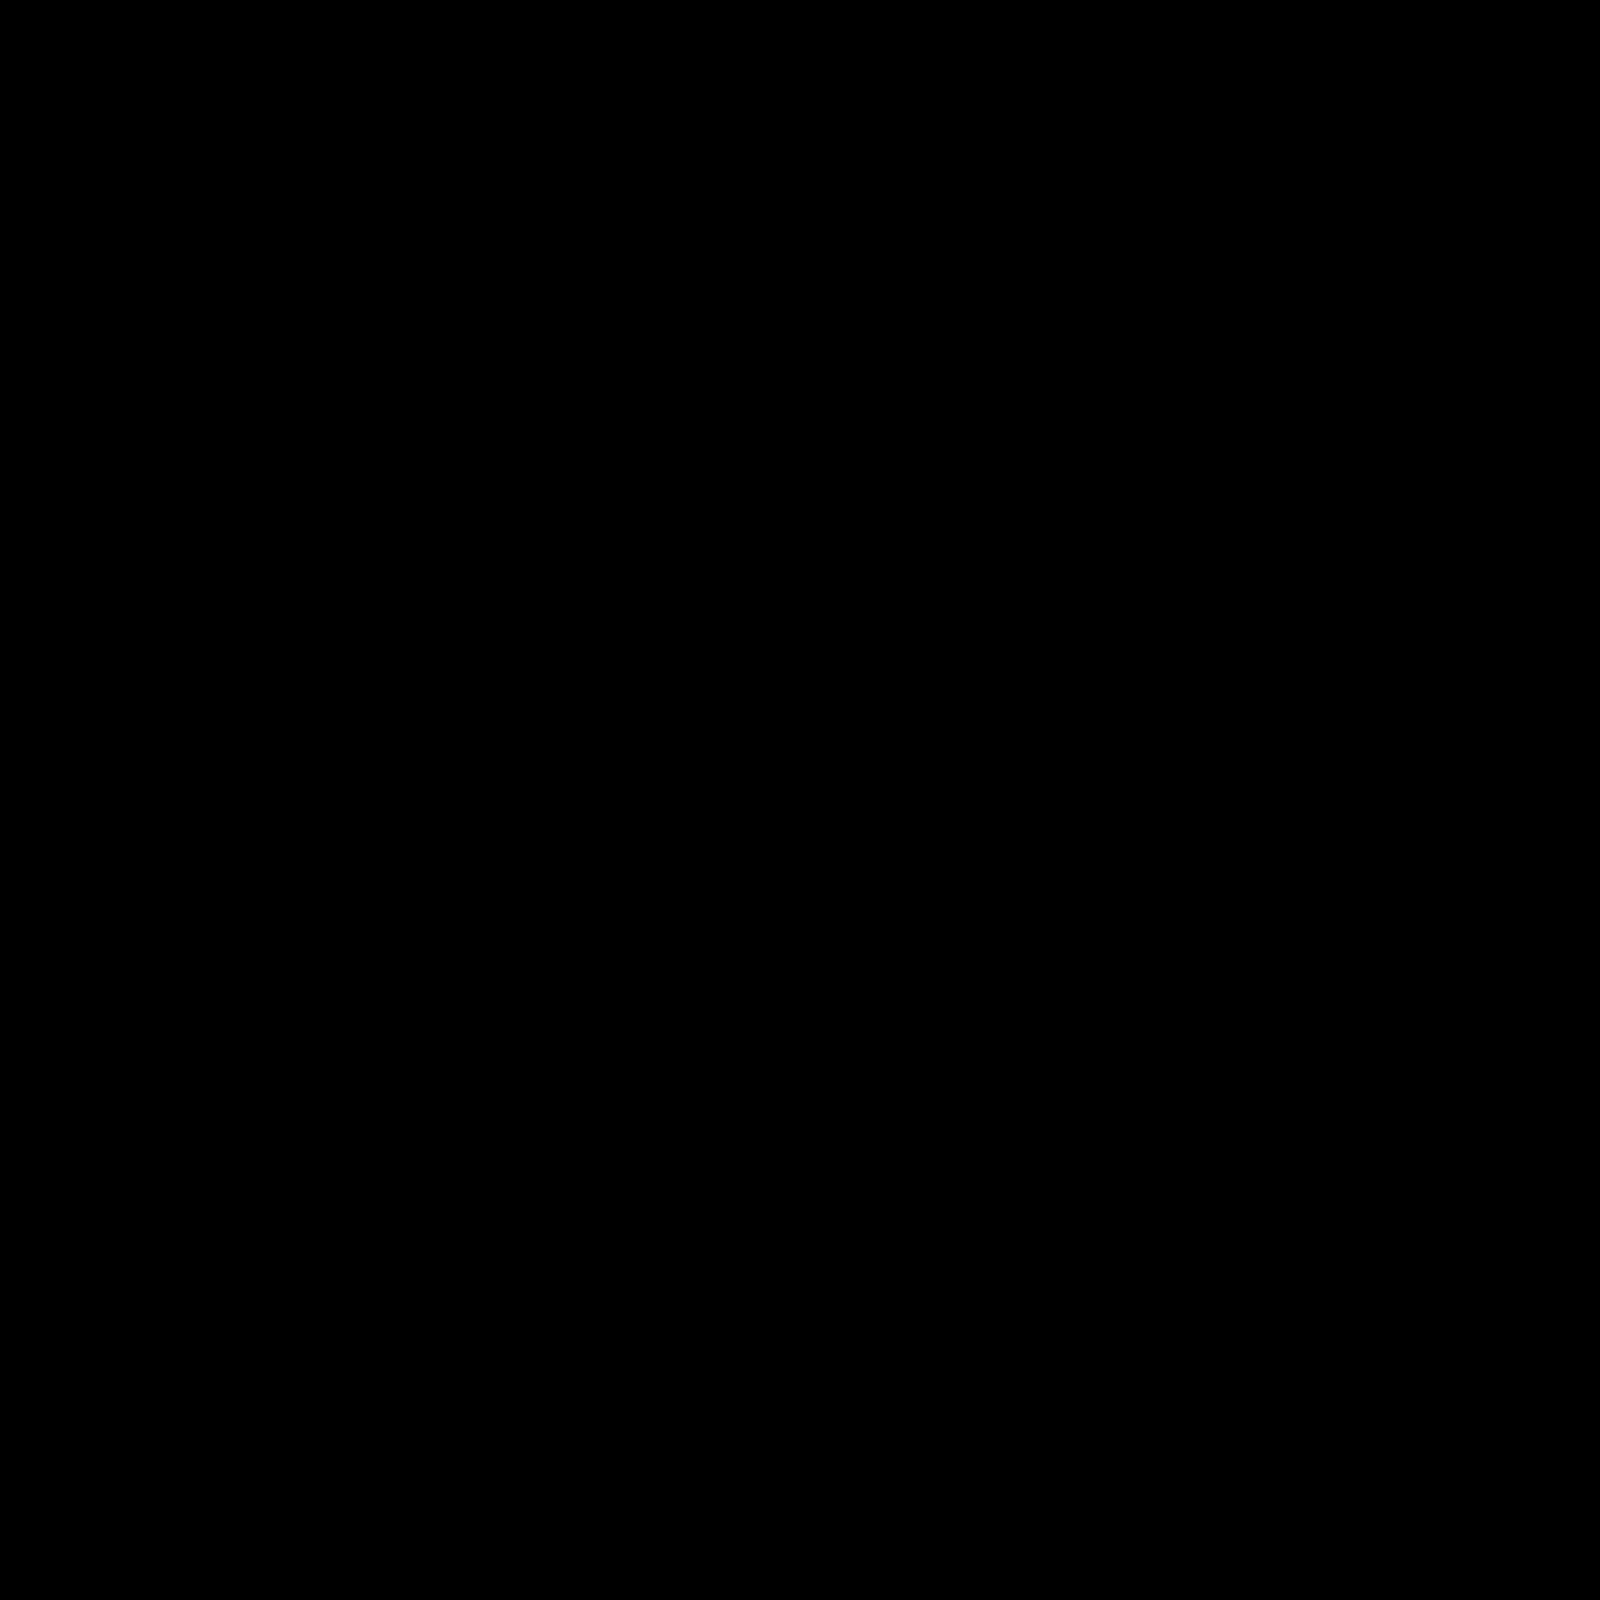 事件已接受 icon. This icon is a small rectangular calendar. At the top are two spiral bindings and the calendar has a star imprinted in it. At the bottom right of the calendar sits a small circle with a checkmark in the center of it.